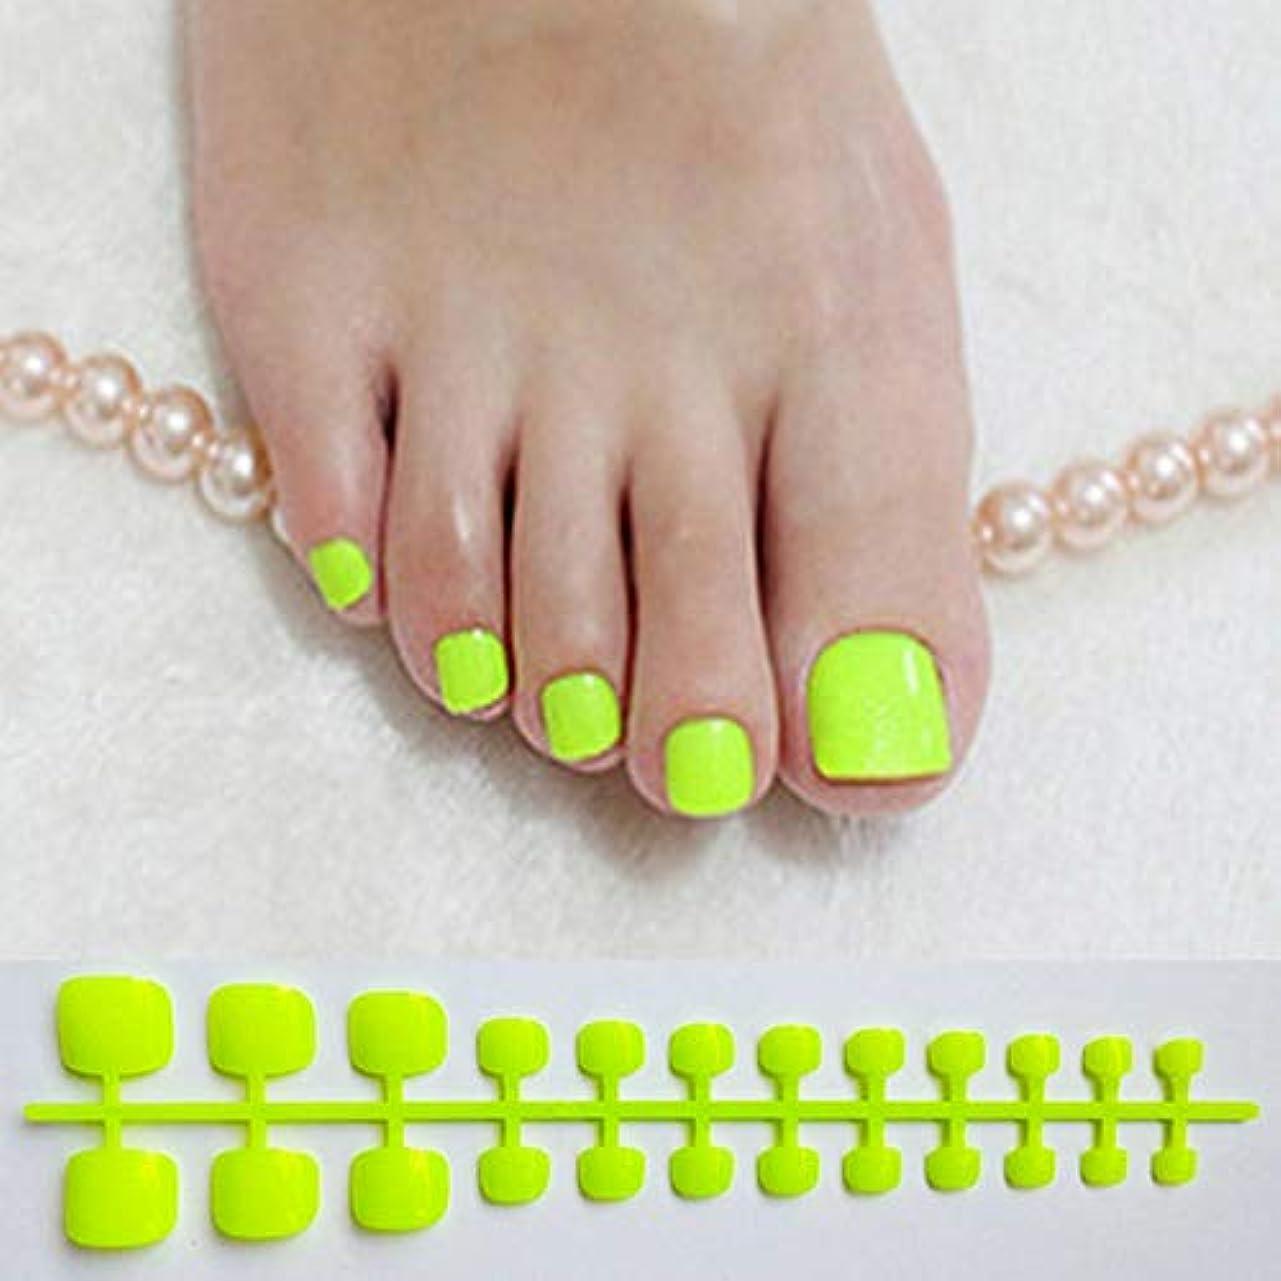 洪水コンピューターを使用する過言XUTXZKA 人工爪色の爪の明るい緑の偽のつま先の爪の広場